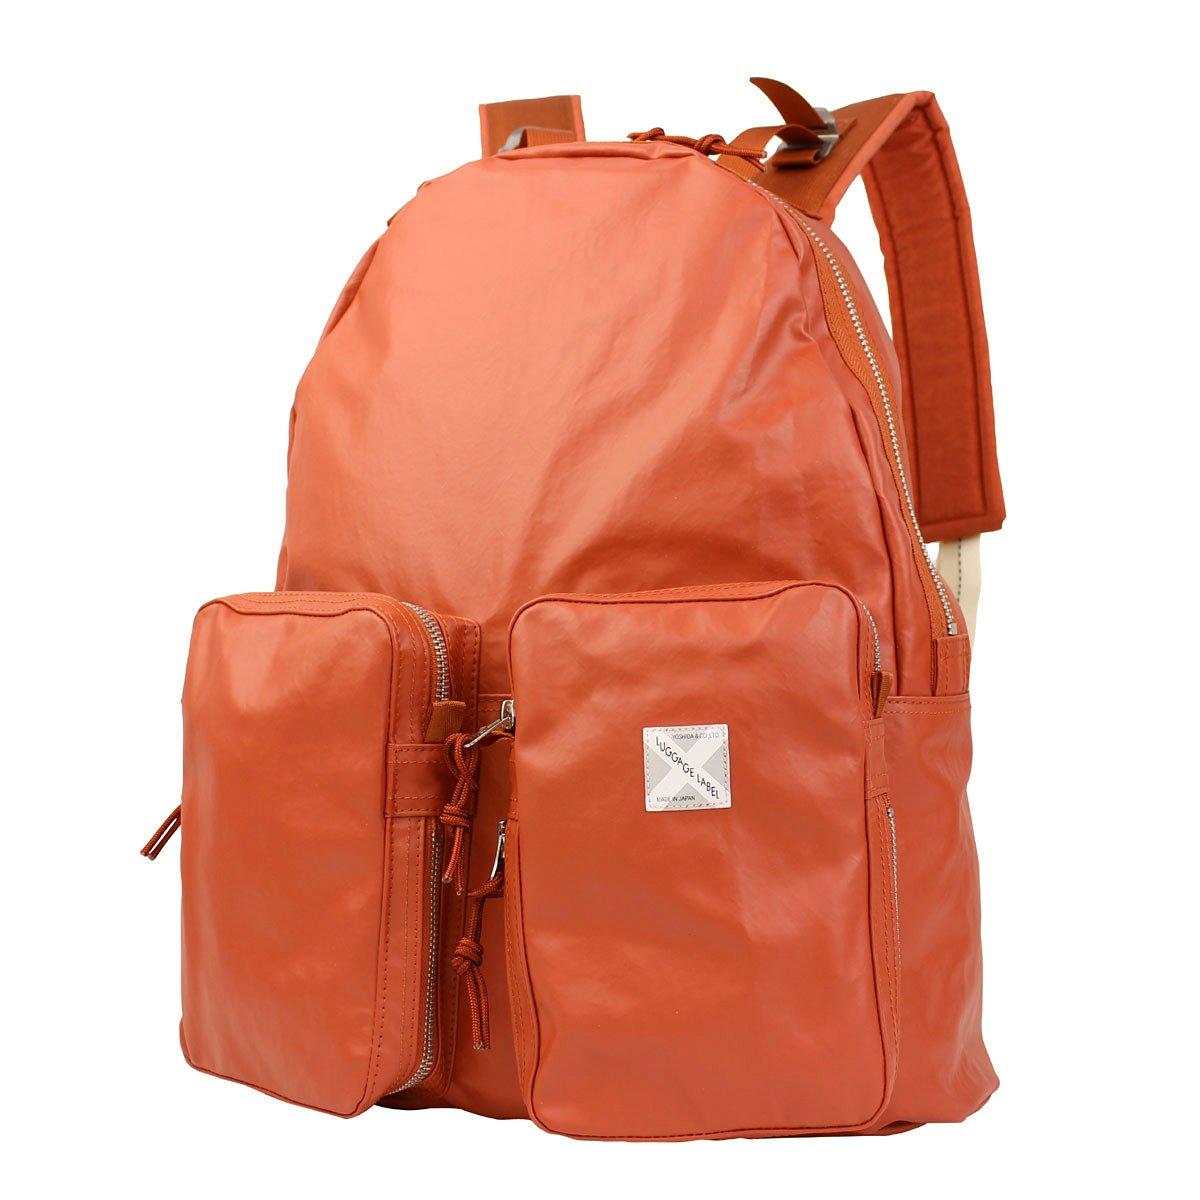 [ラゲッジレーベル]LUGGAGE LABEL ライナーネオ LINER NEO デイパック 971-05730 B00Q3XILRW オレンジ(23) オレンジ(23)